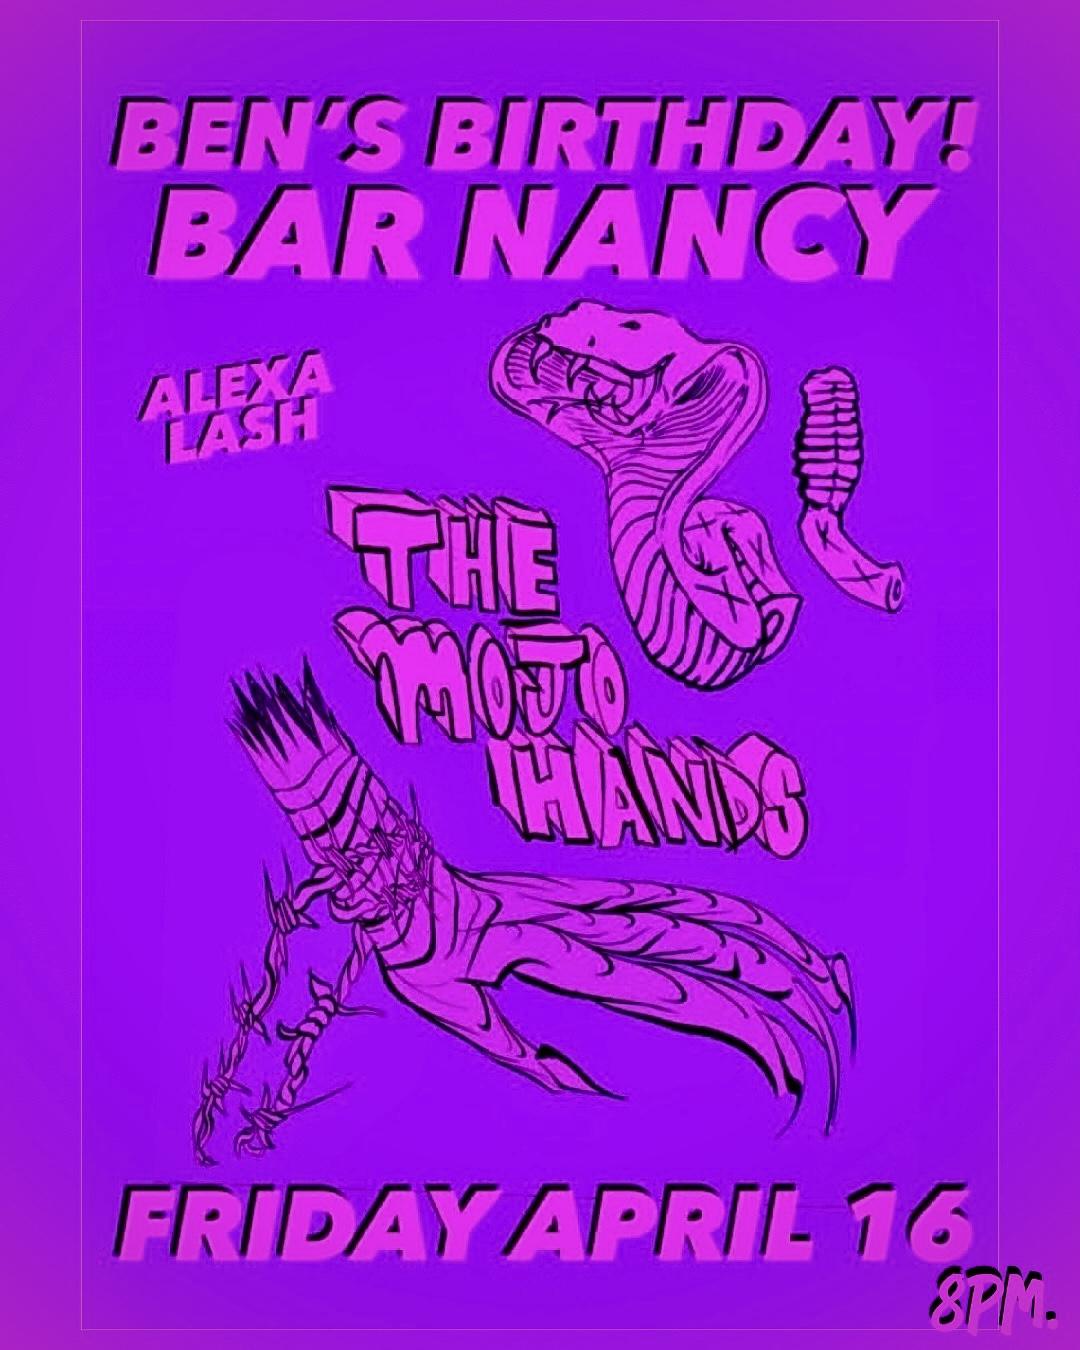 Ben's Birthday! at Bar Nancy with Alexa Lash - April 16th at 8pm